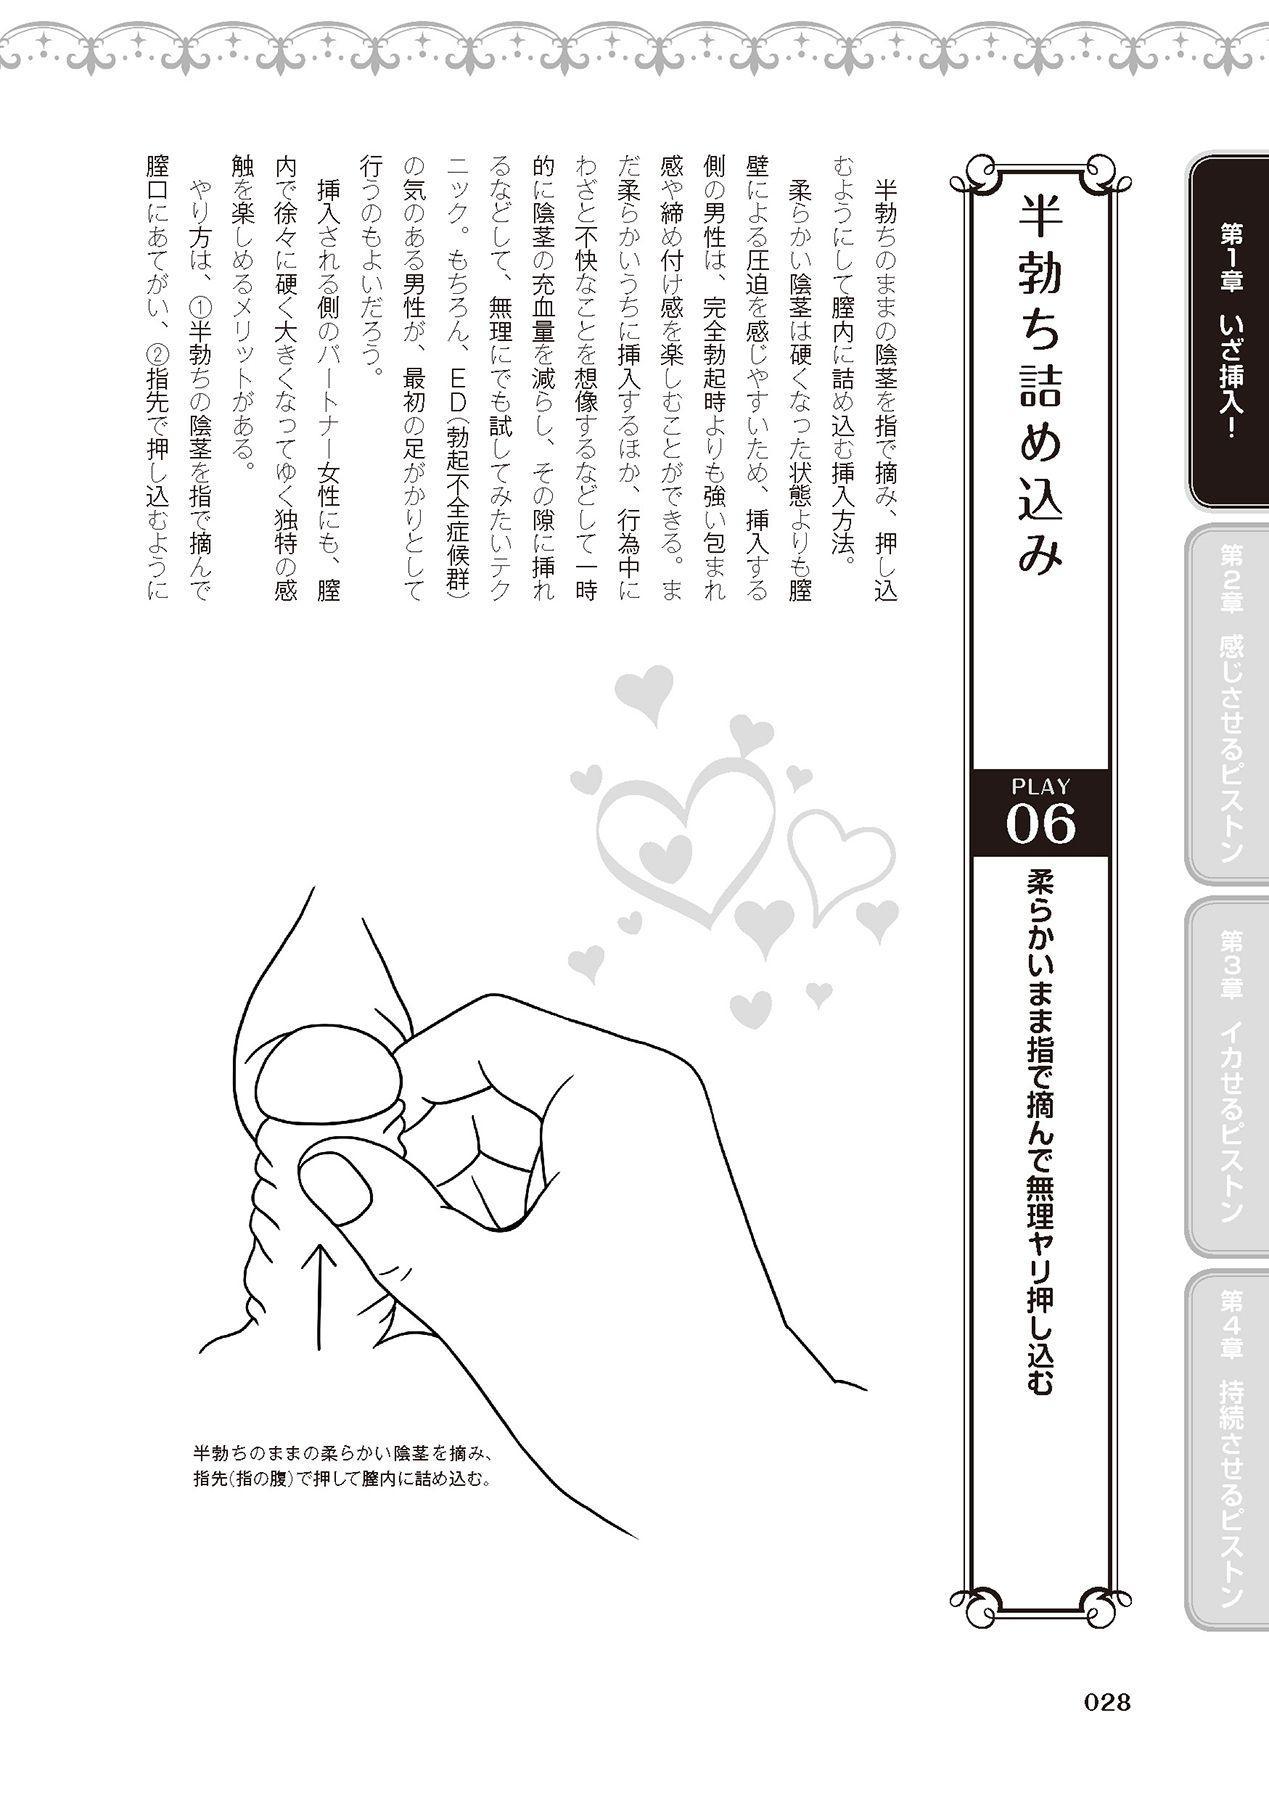 膣挿入&ピストン運動完全マニュアル イラスト版……ピスとんッ! 29